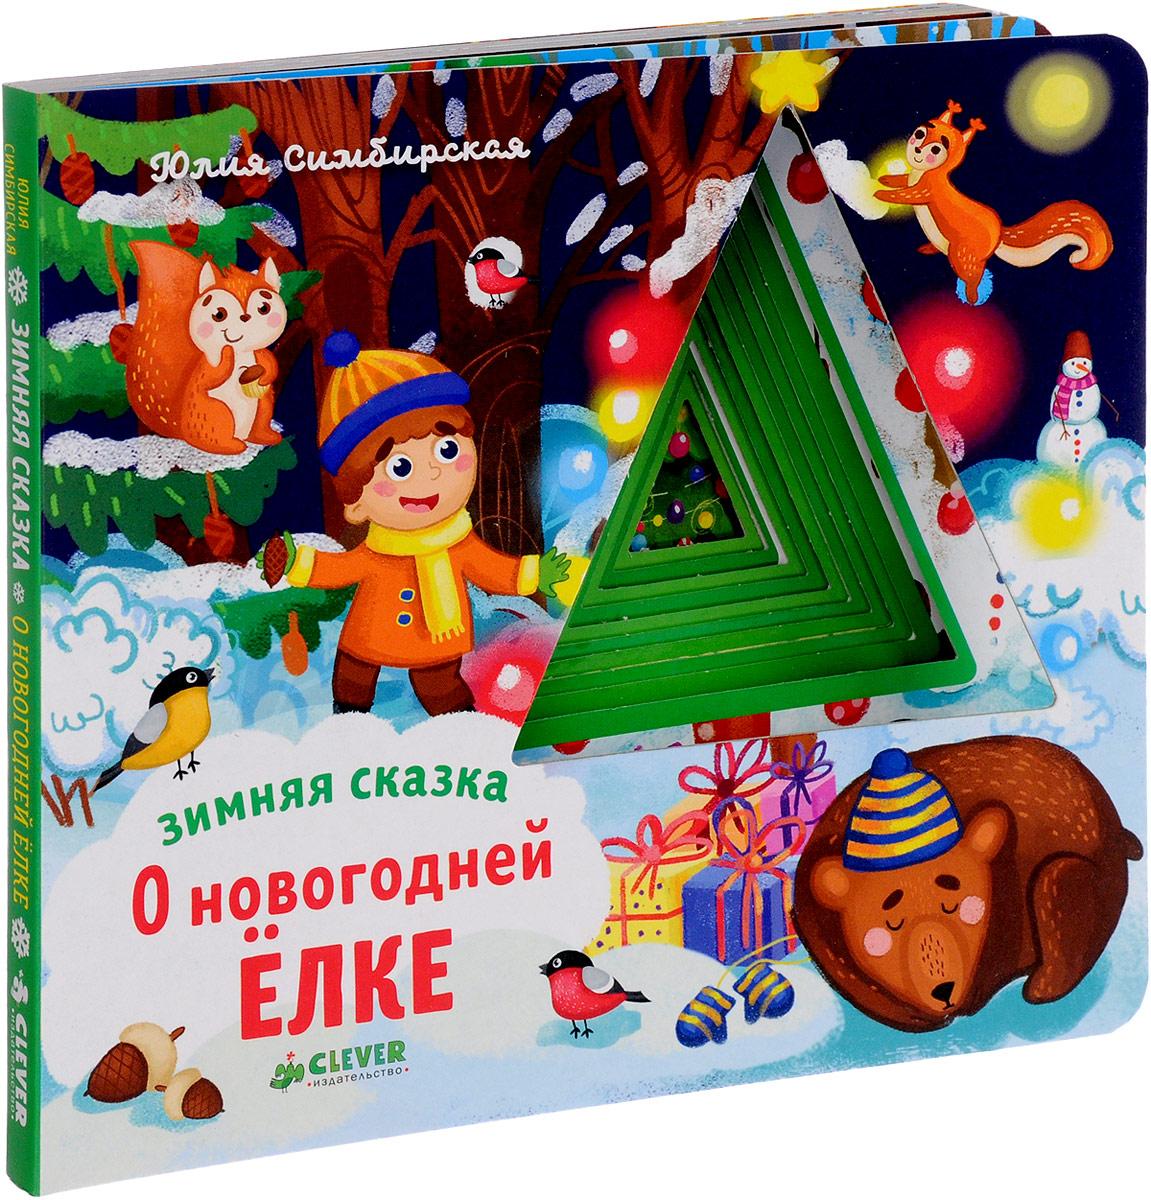 Юлия Симбирская О новогодней ёлке. Зимняя сказка чудеса под новый год